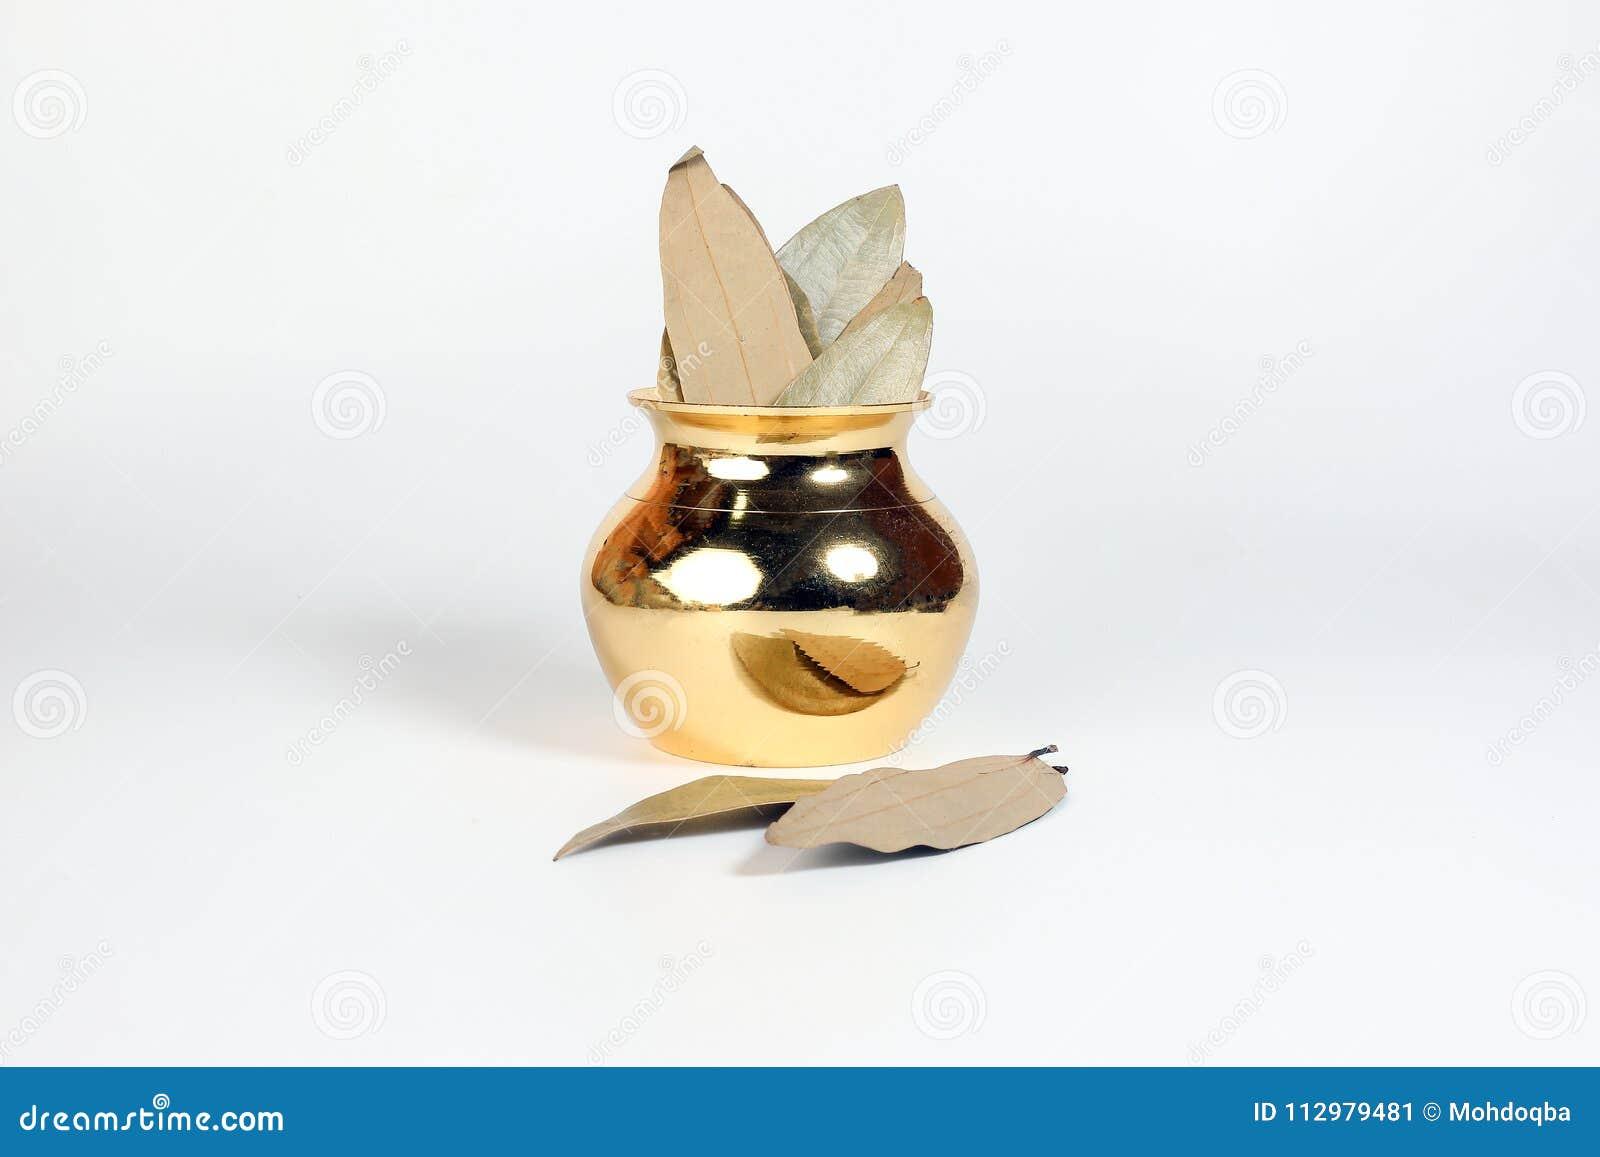 Bay leaf spice in shiny metal po